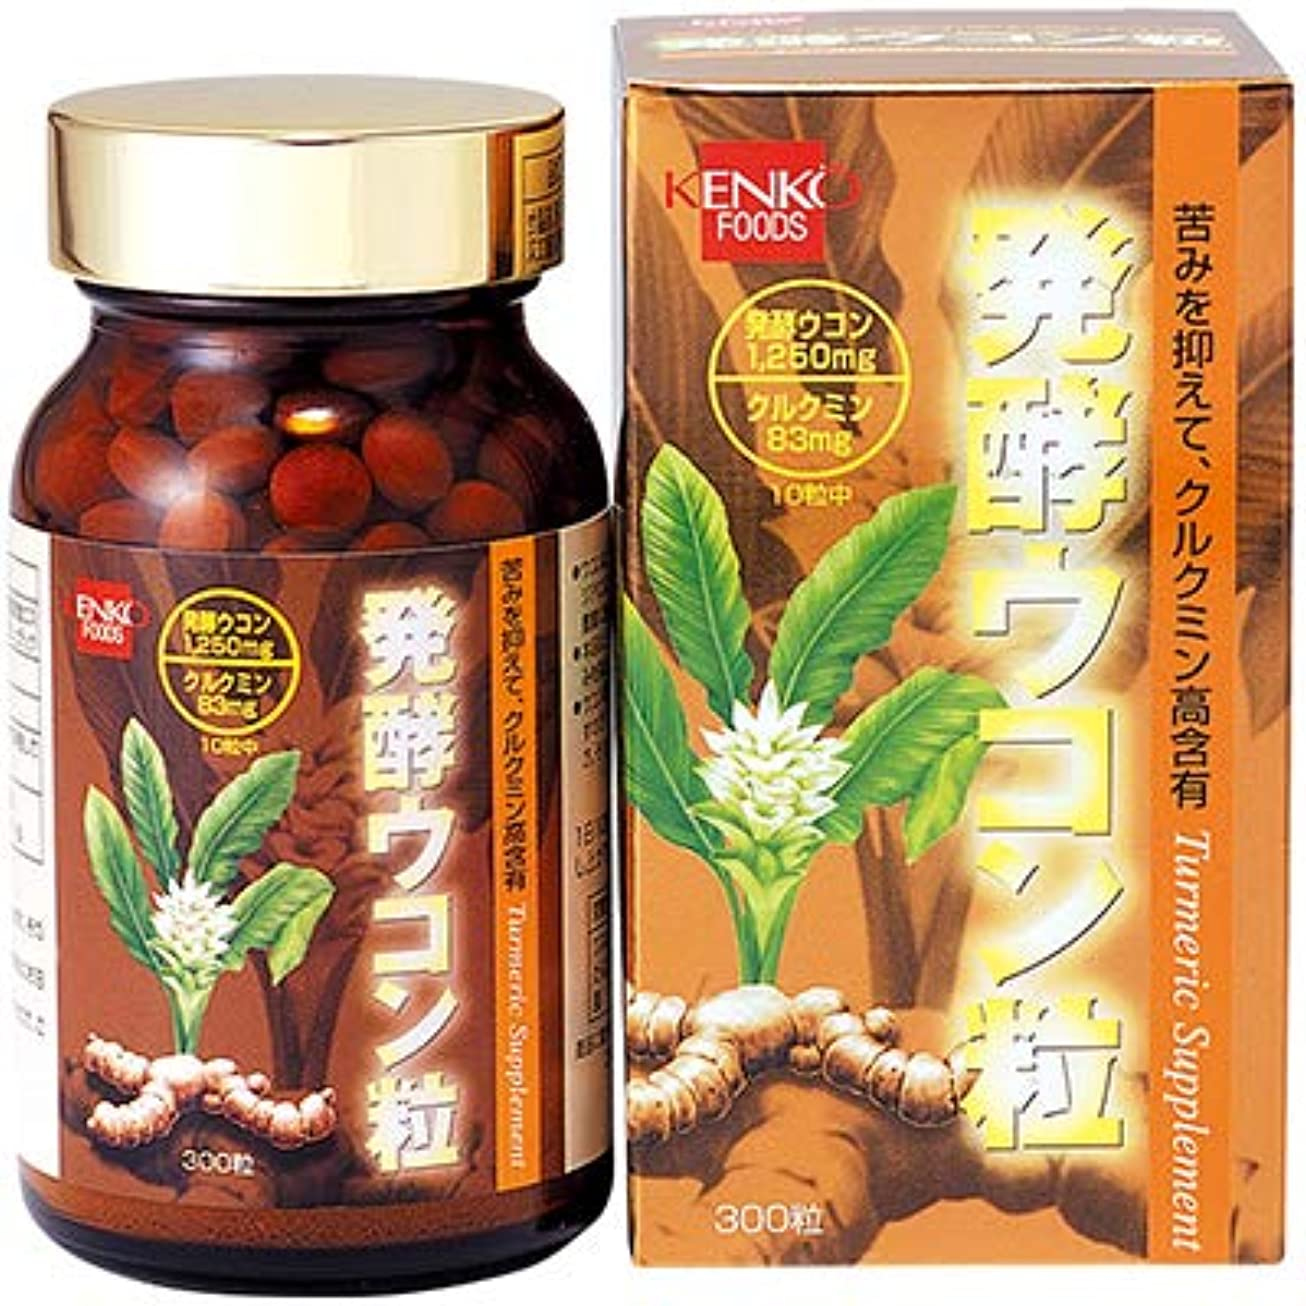 累計明らかに非効率的な【健康フーズ】発酵ウコン粒 300粒 ×5個セット